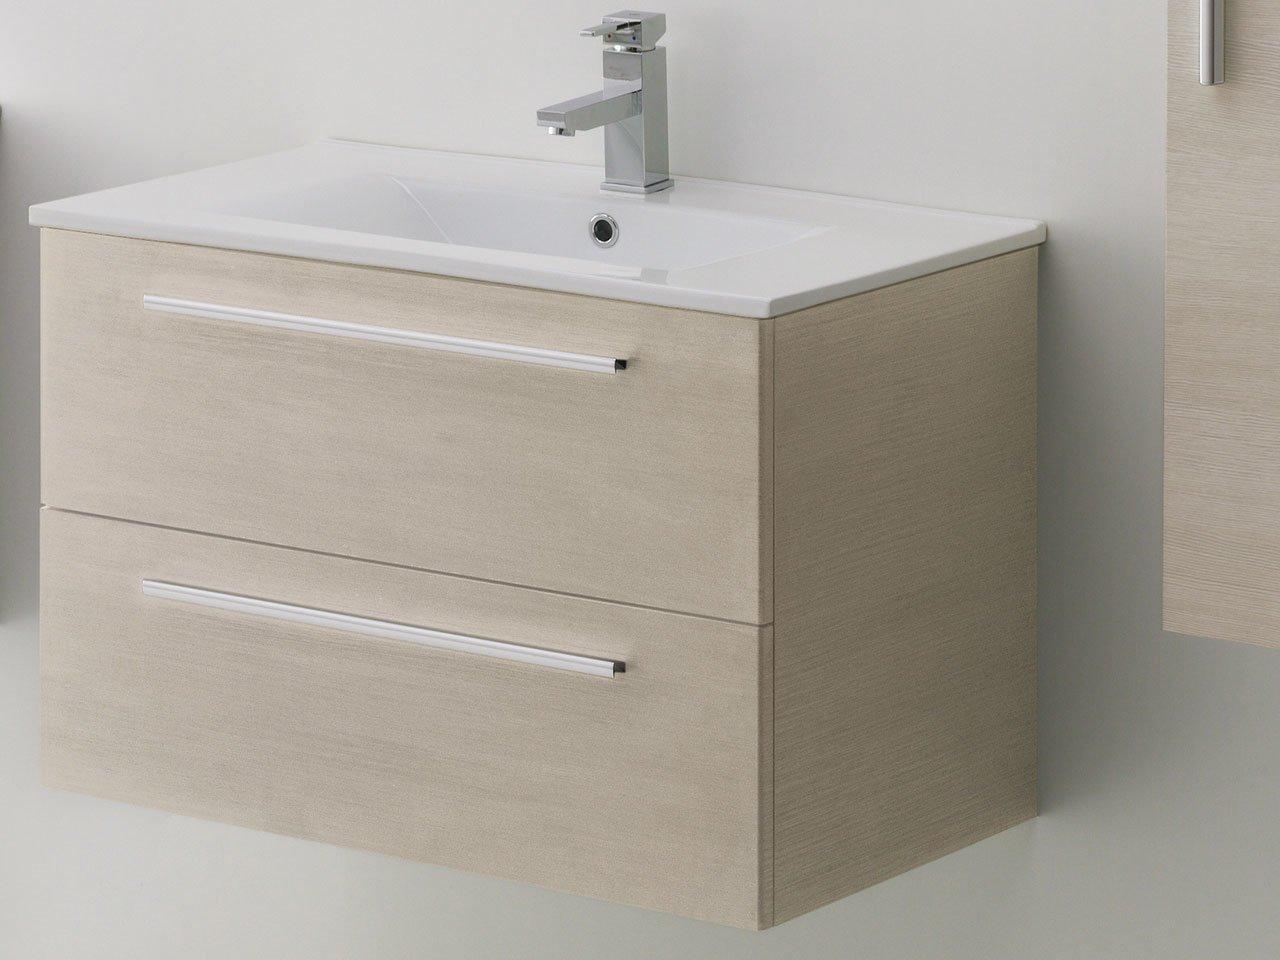 Mobili bagno home la scelta giusta variata sul design - Varicella bagno ...